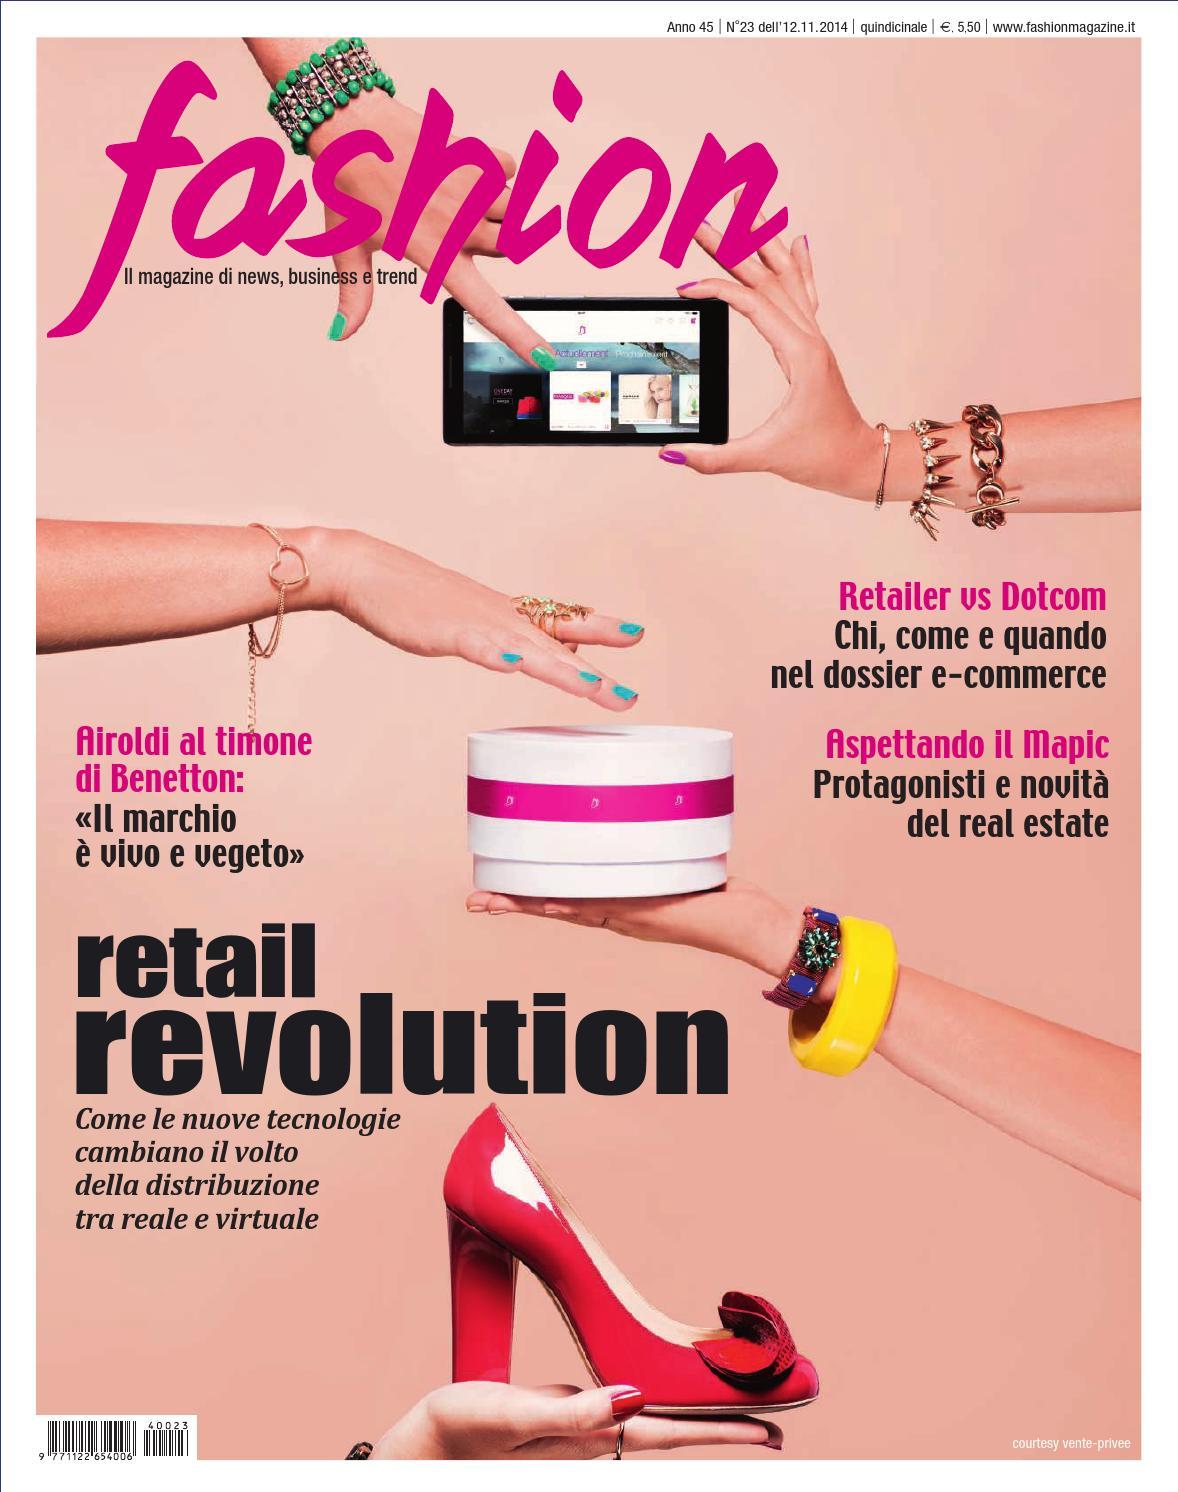 Fashion 23 2014 by Fashionmagazine - issuu a2c169abf2d9